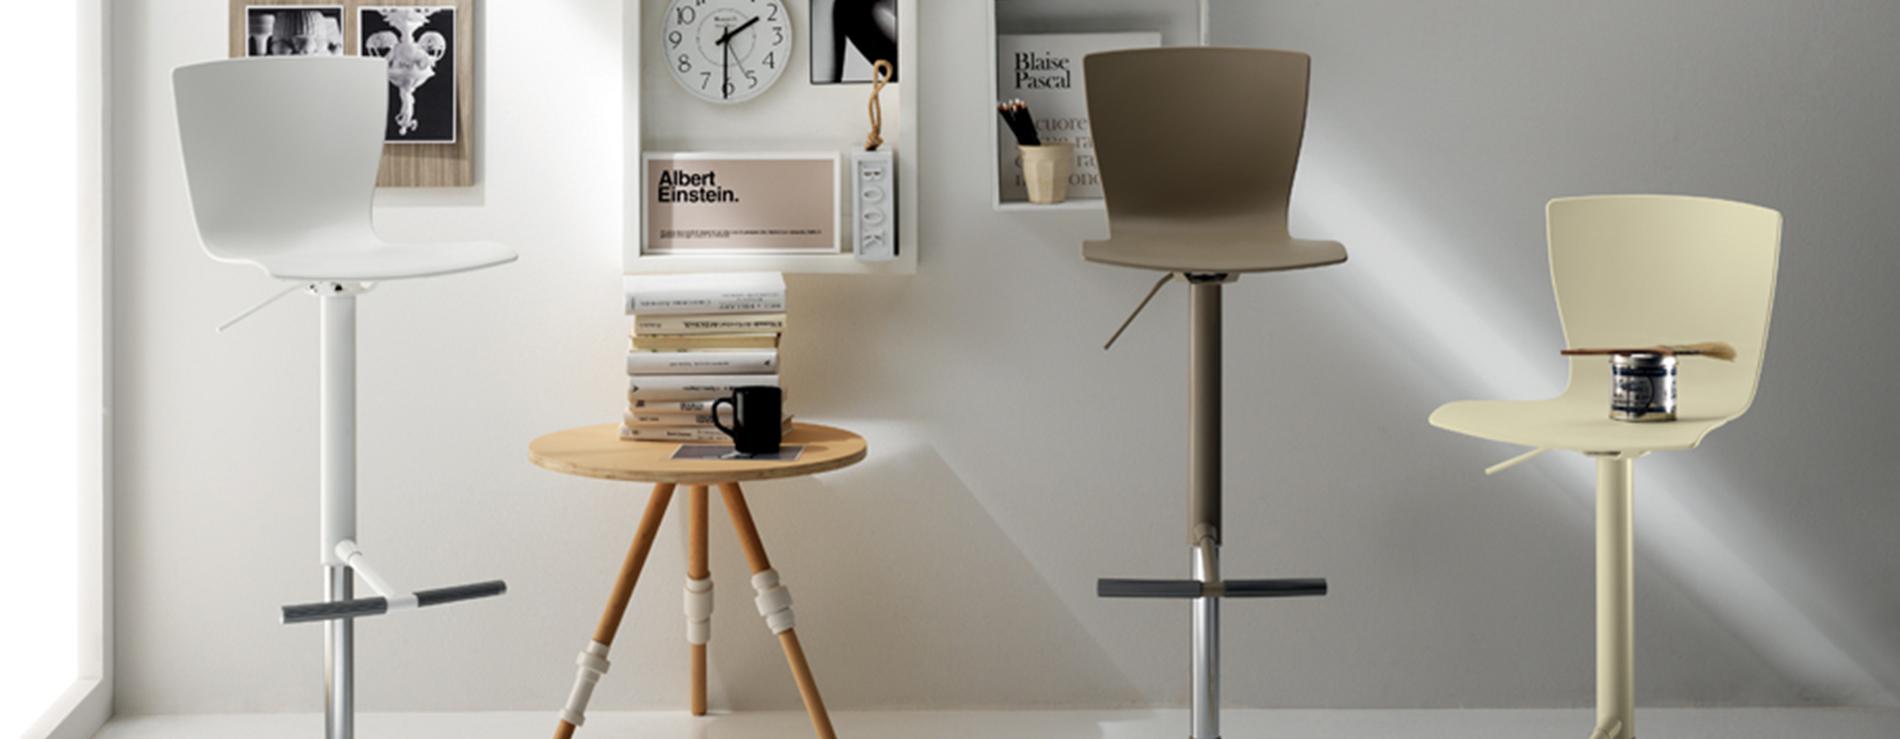 Sgabelli moderni per cucina cool set da sgabello alto for Sgabelli colorati